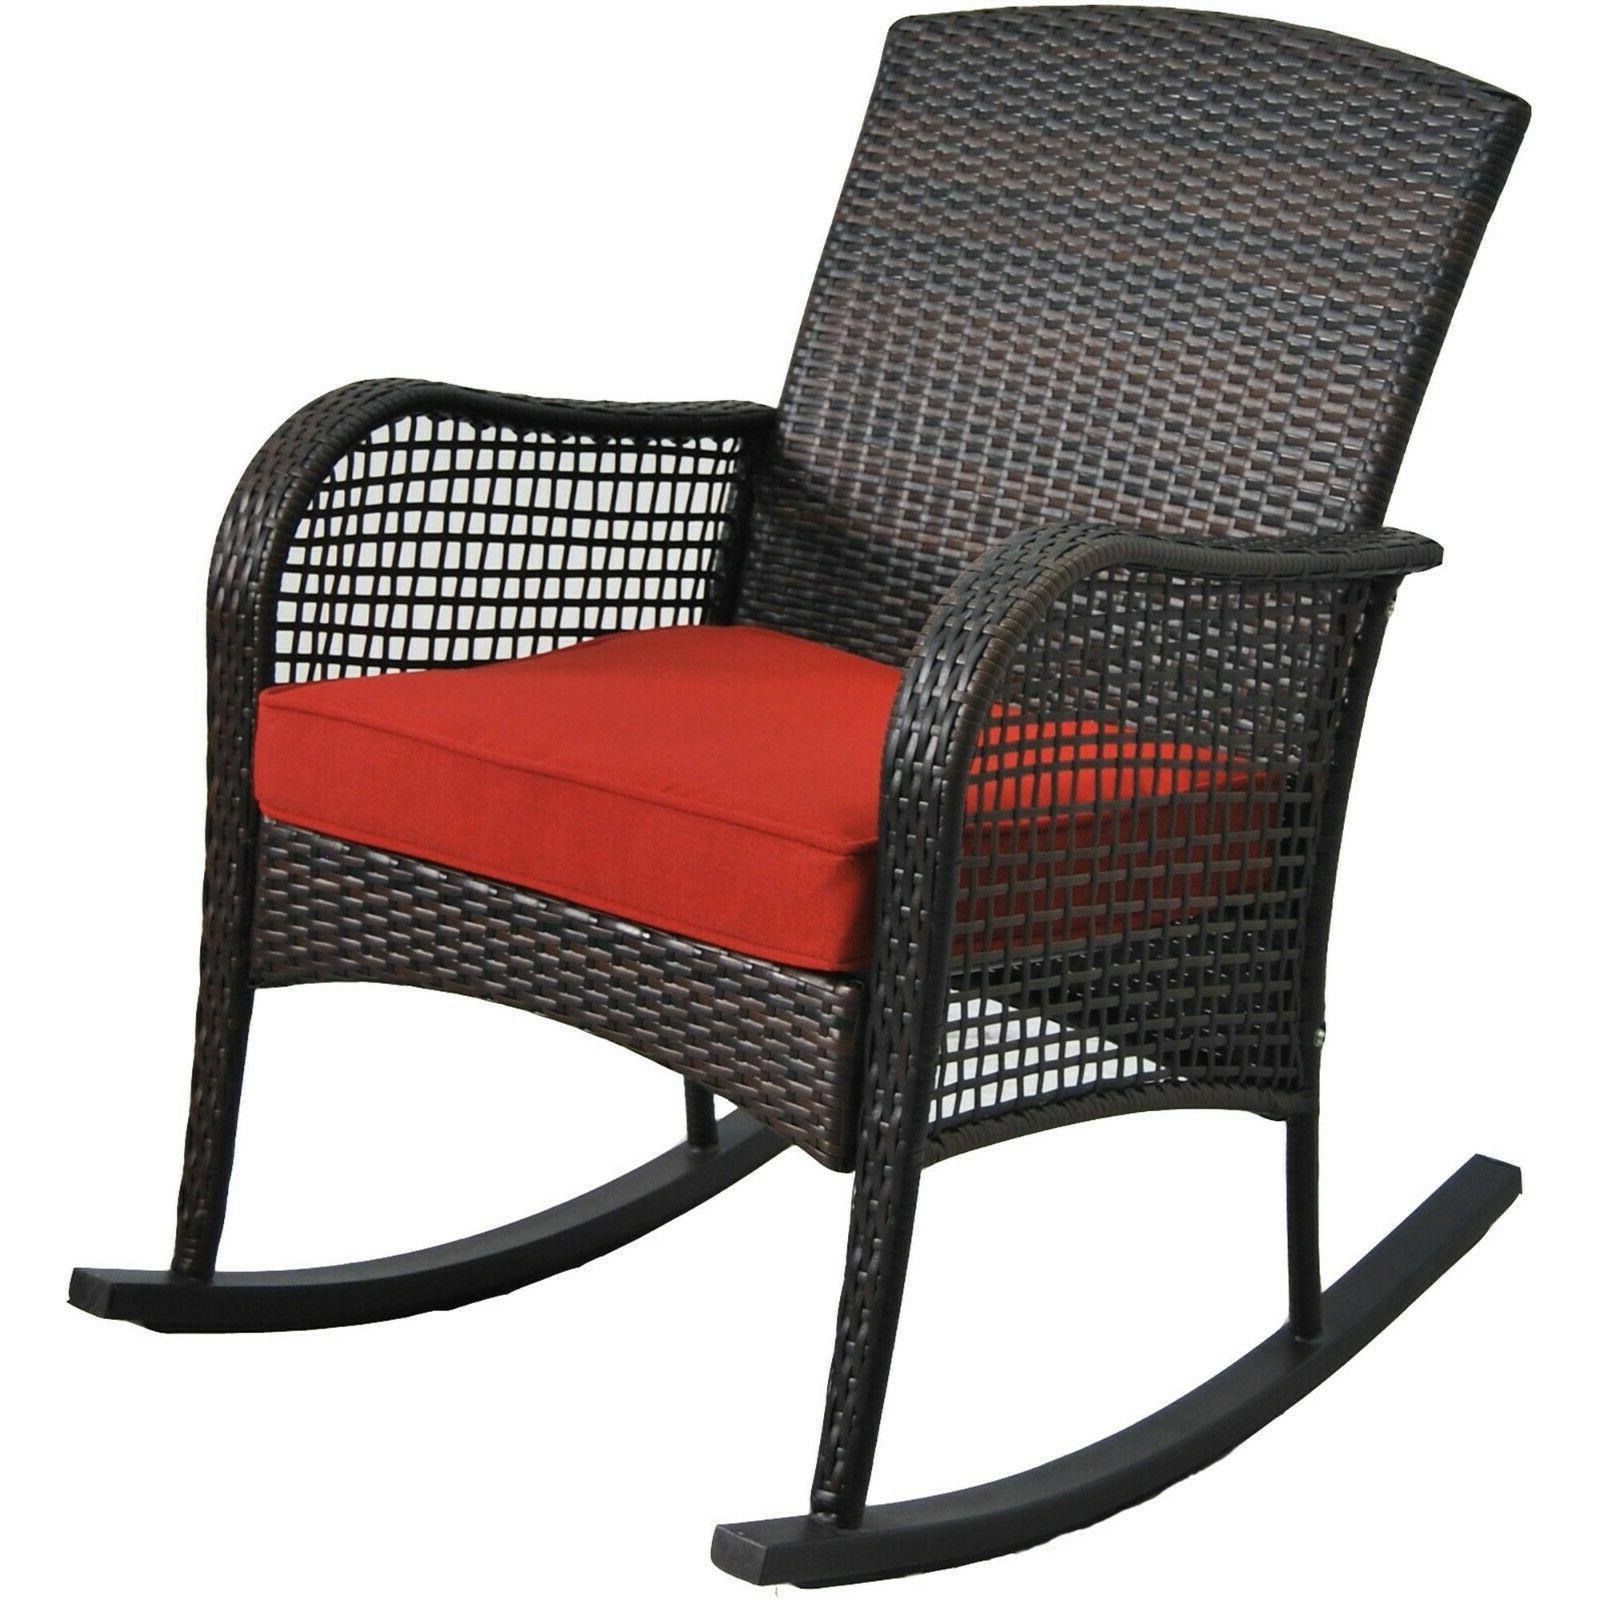 Outdoor W/ Cushion Porch Chair Rocker Home